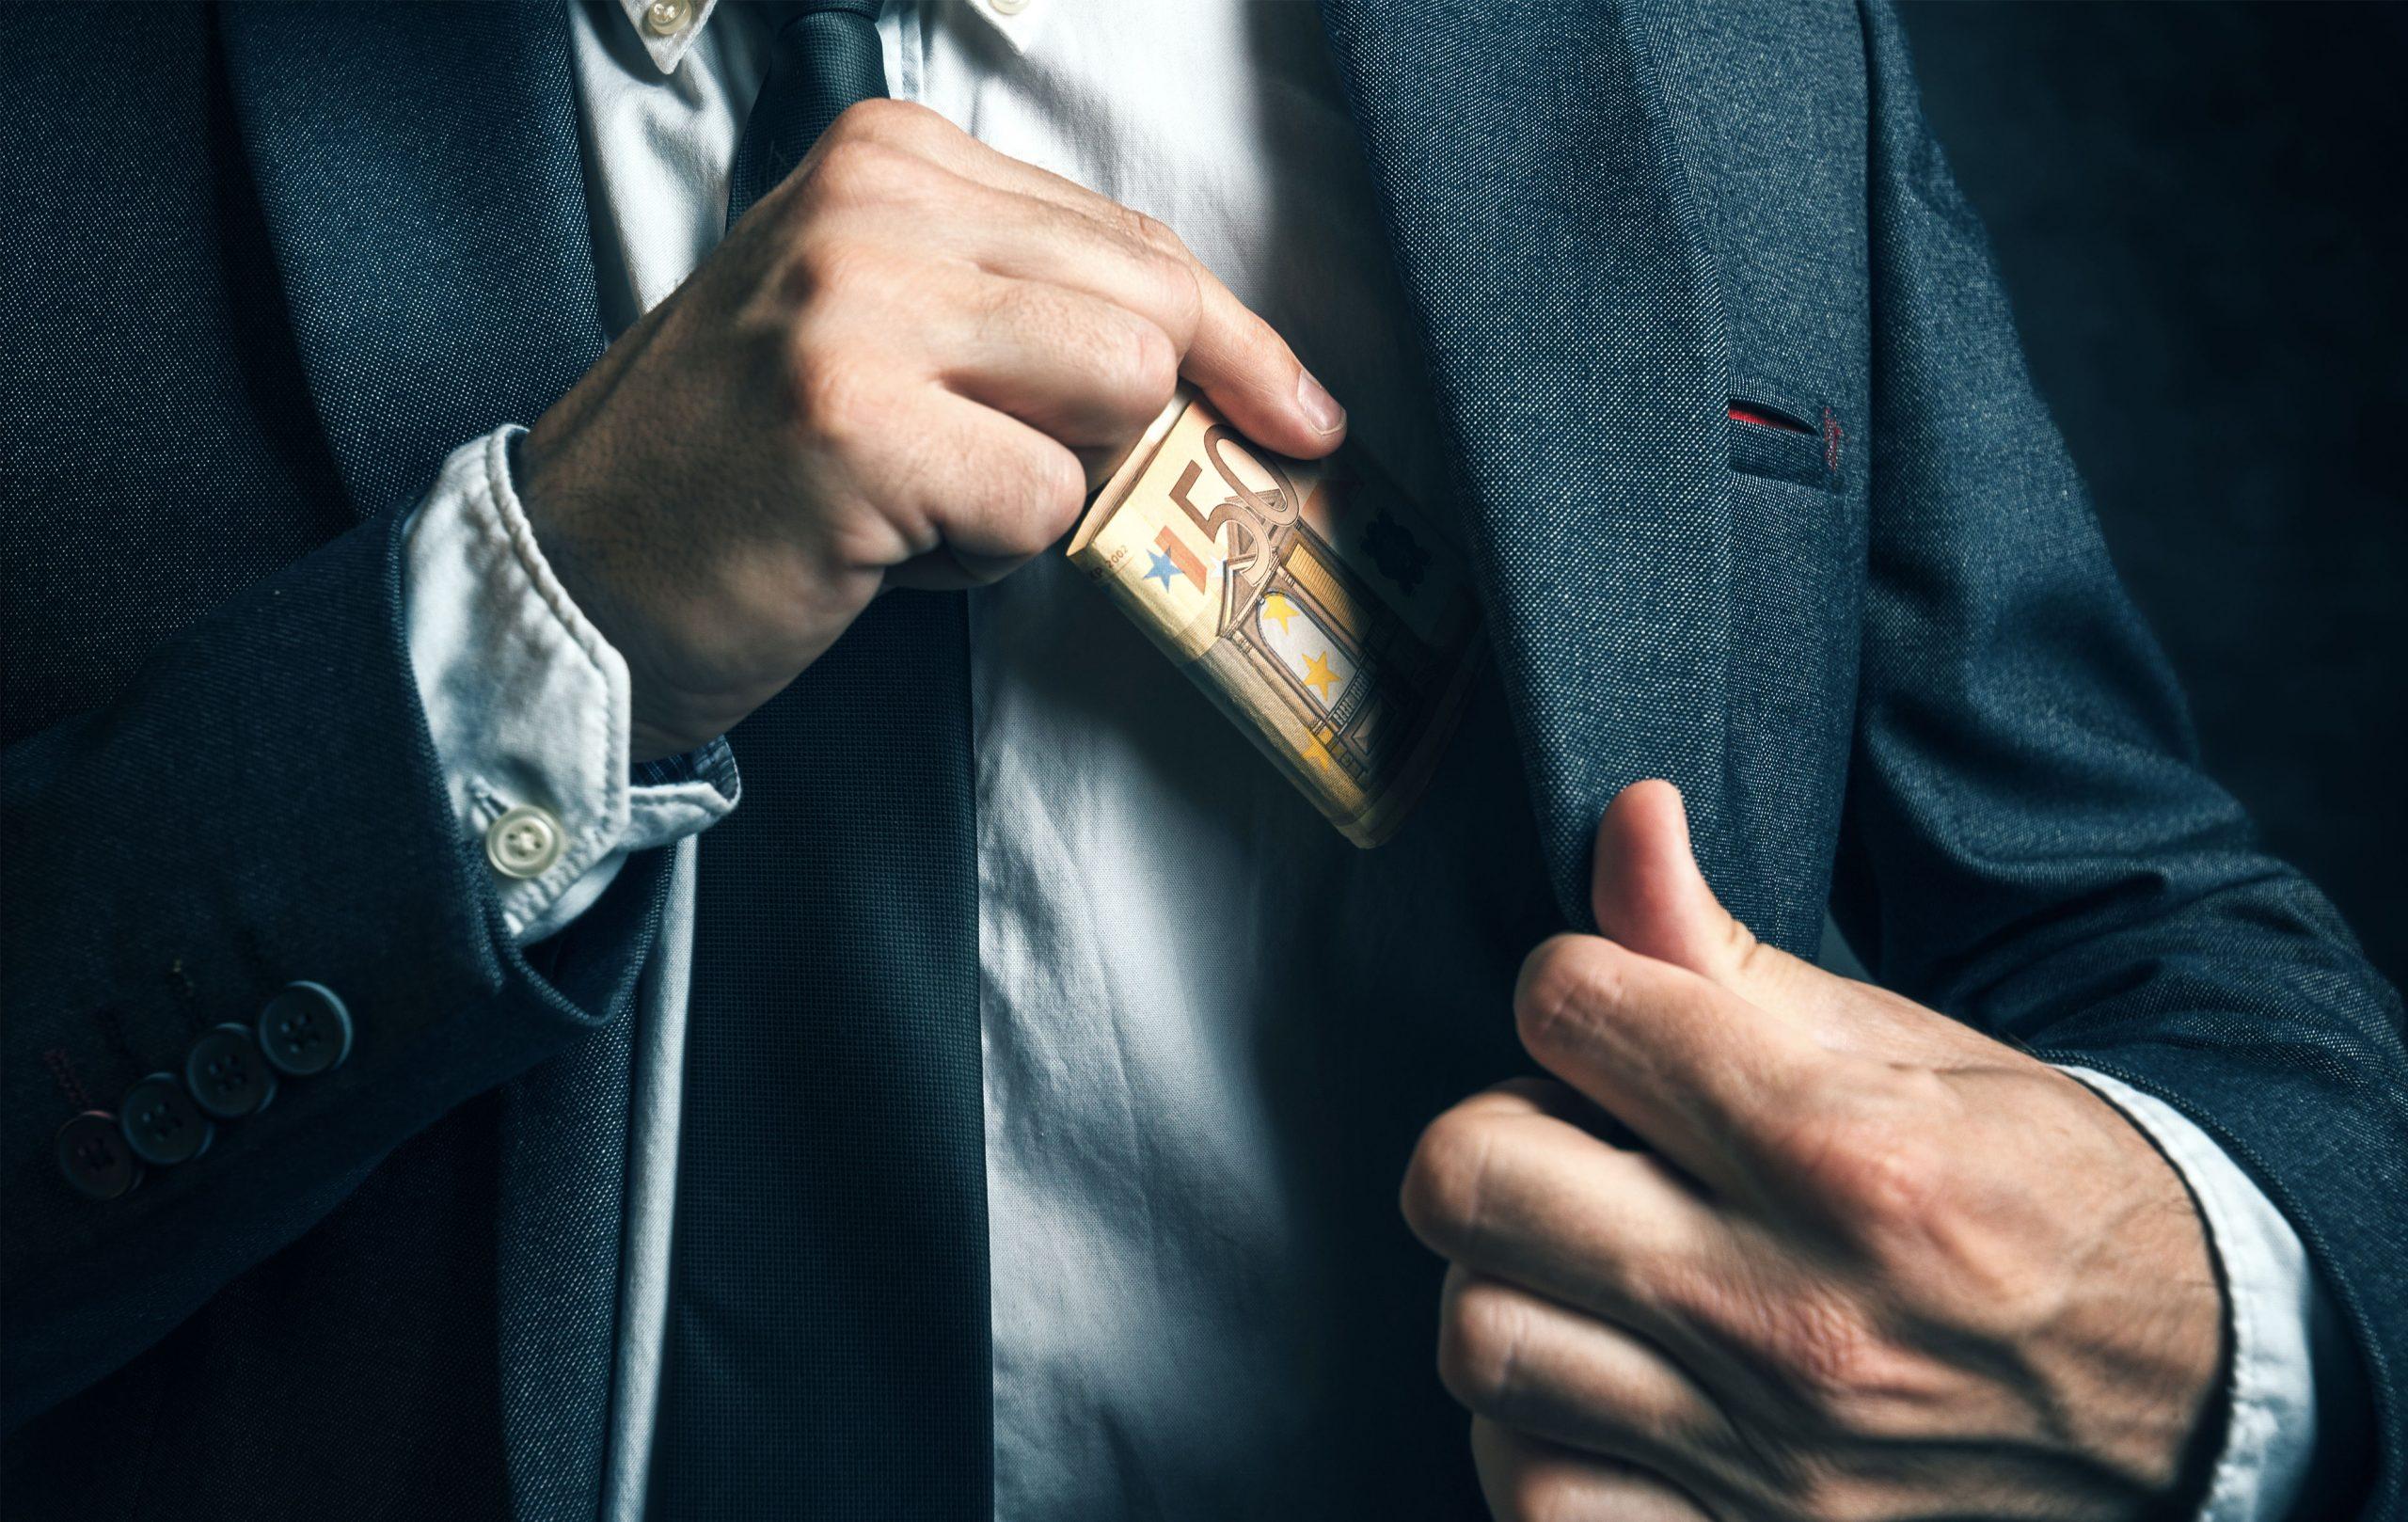 homme mettant de l'argent dans sa veste